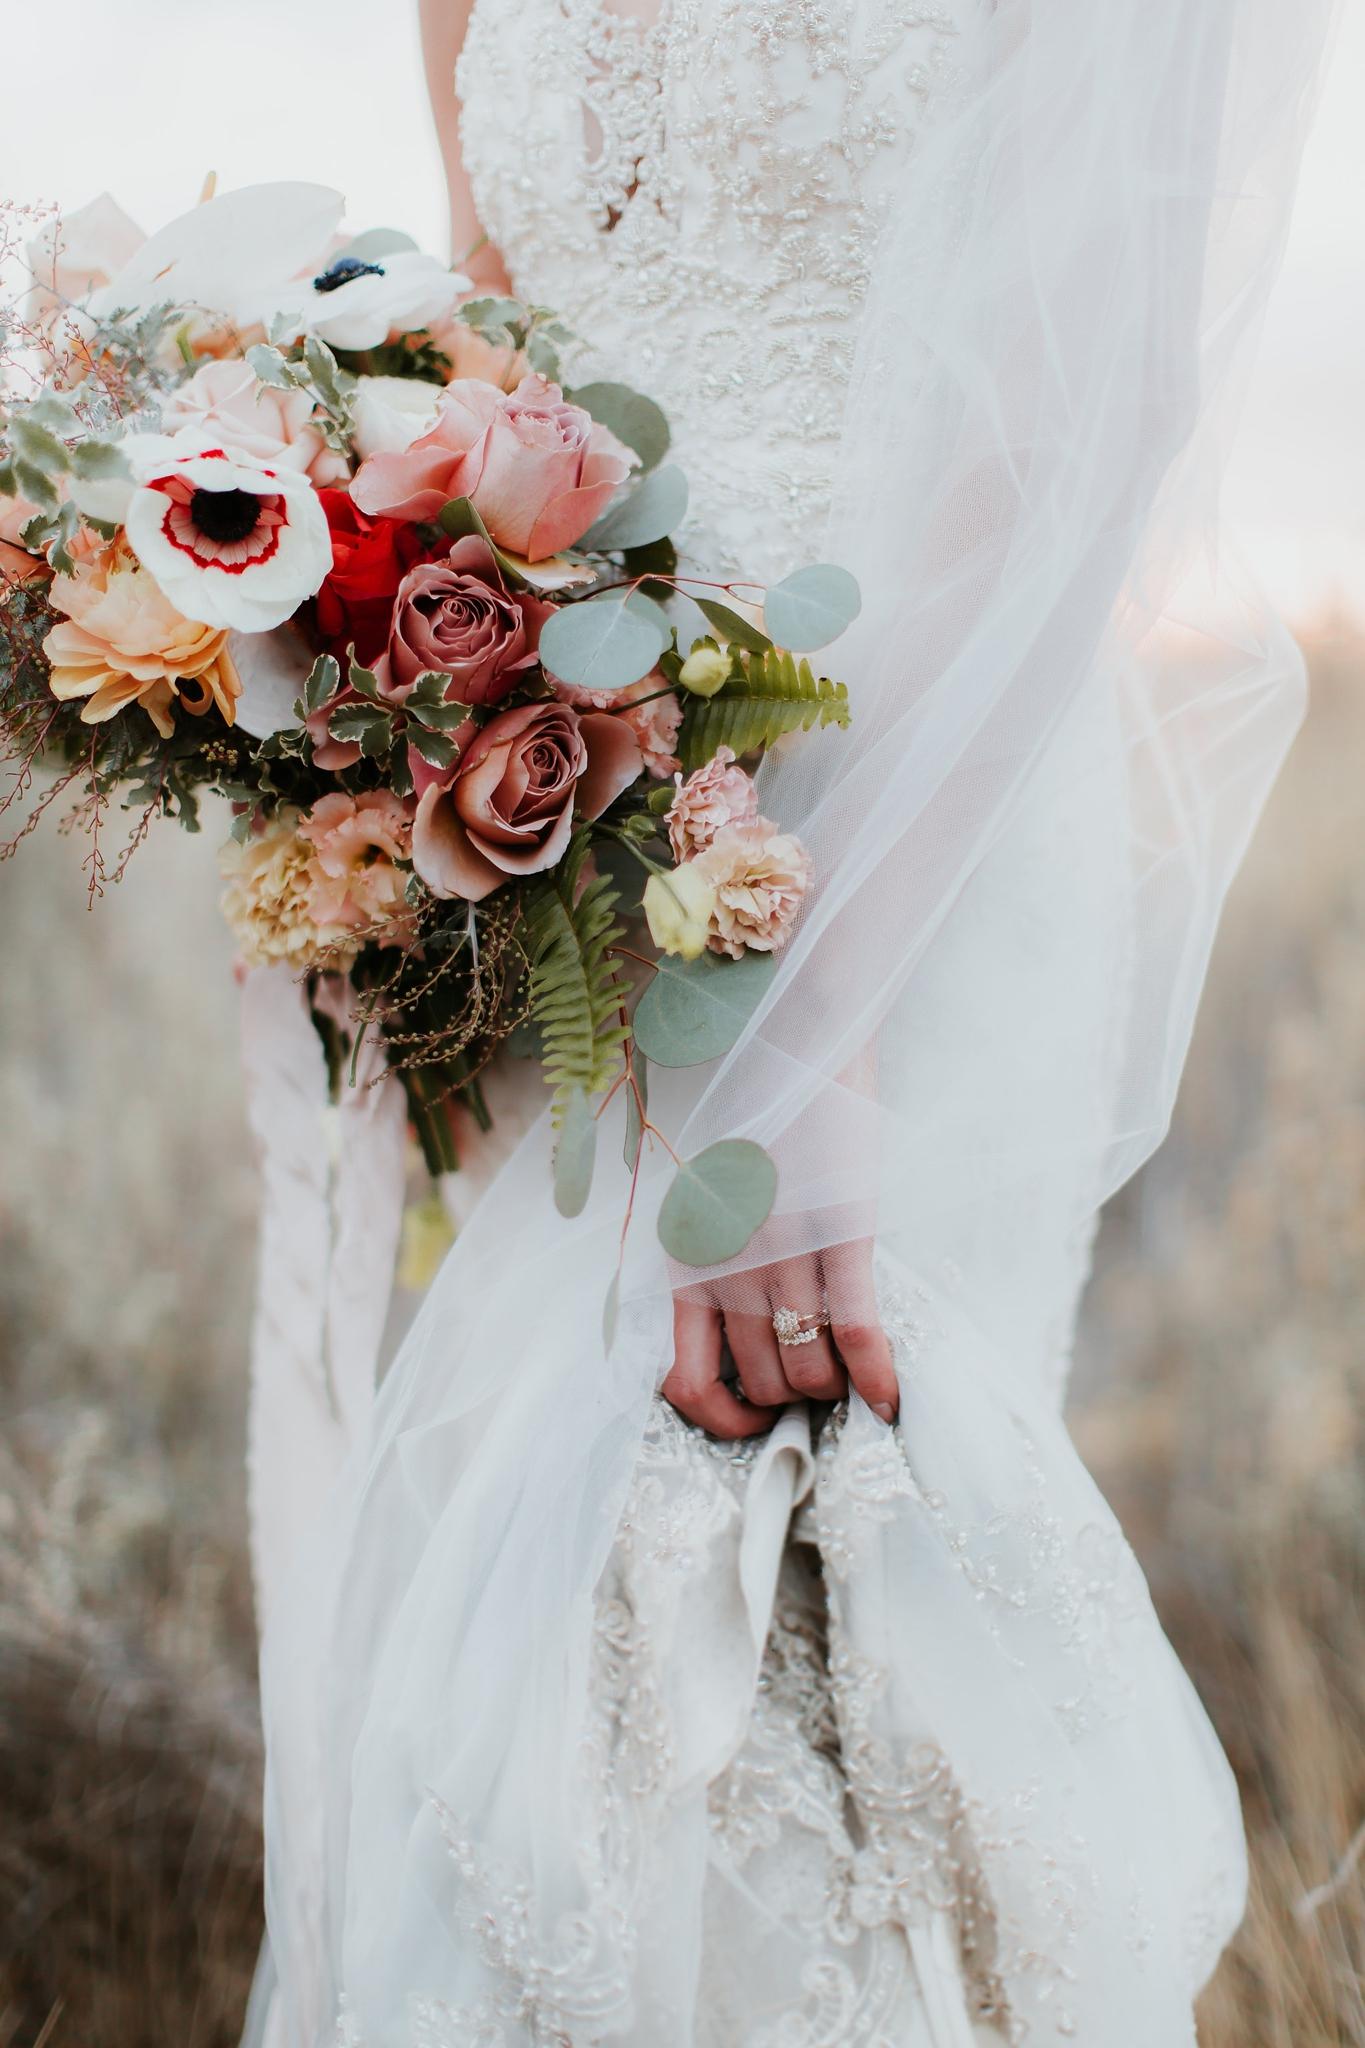 Alicia+lucia+photography+-+albuquerque+wedding+photographer+-+santa+fe+wedding+photography+-+new+mexico+wedding+photographer+-+new+mexico+wedding+-+wedding+photographer+-+wedding+photographer+team_0231.jpg